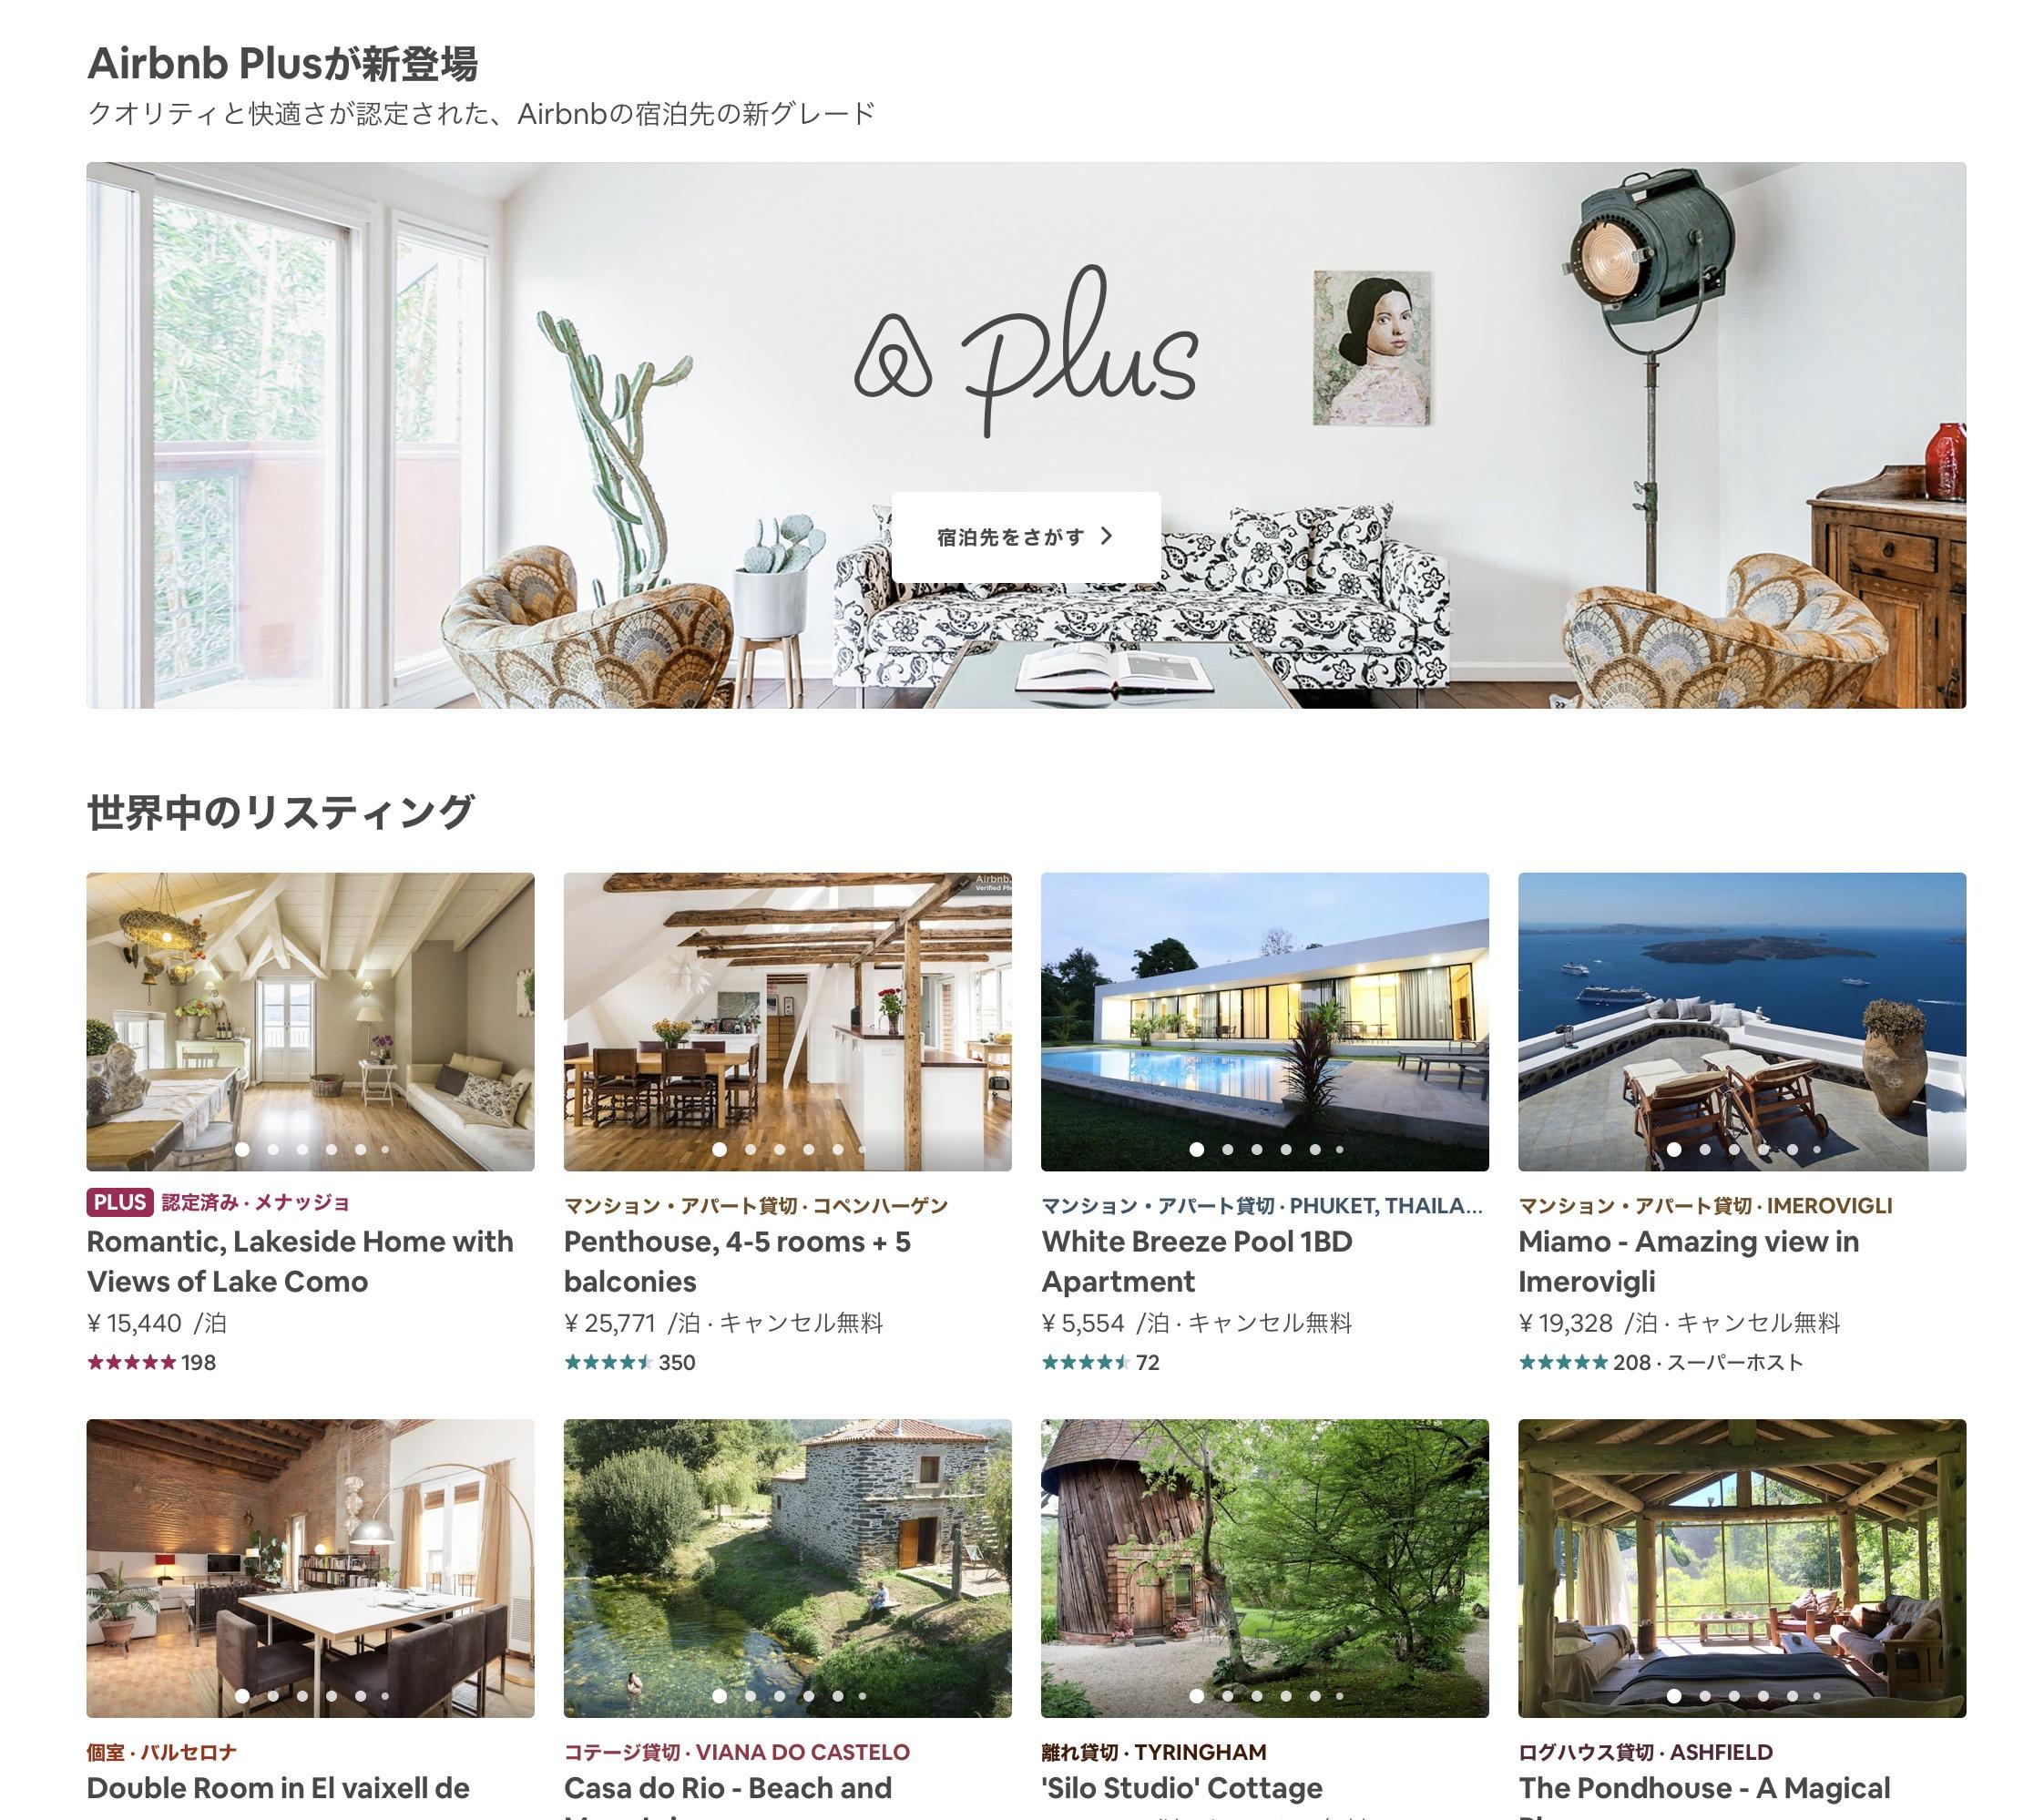 Airbnb(エアビーアンドビー)など部屋をシェアしてお金を作る